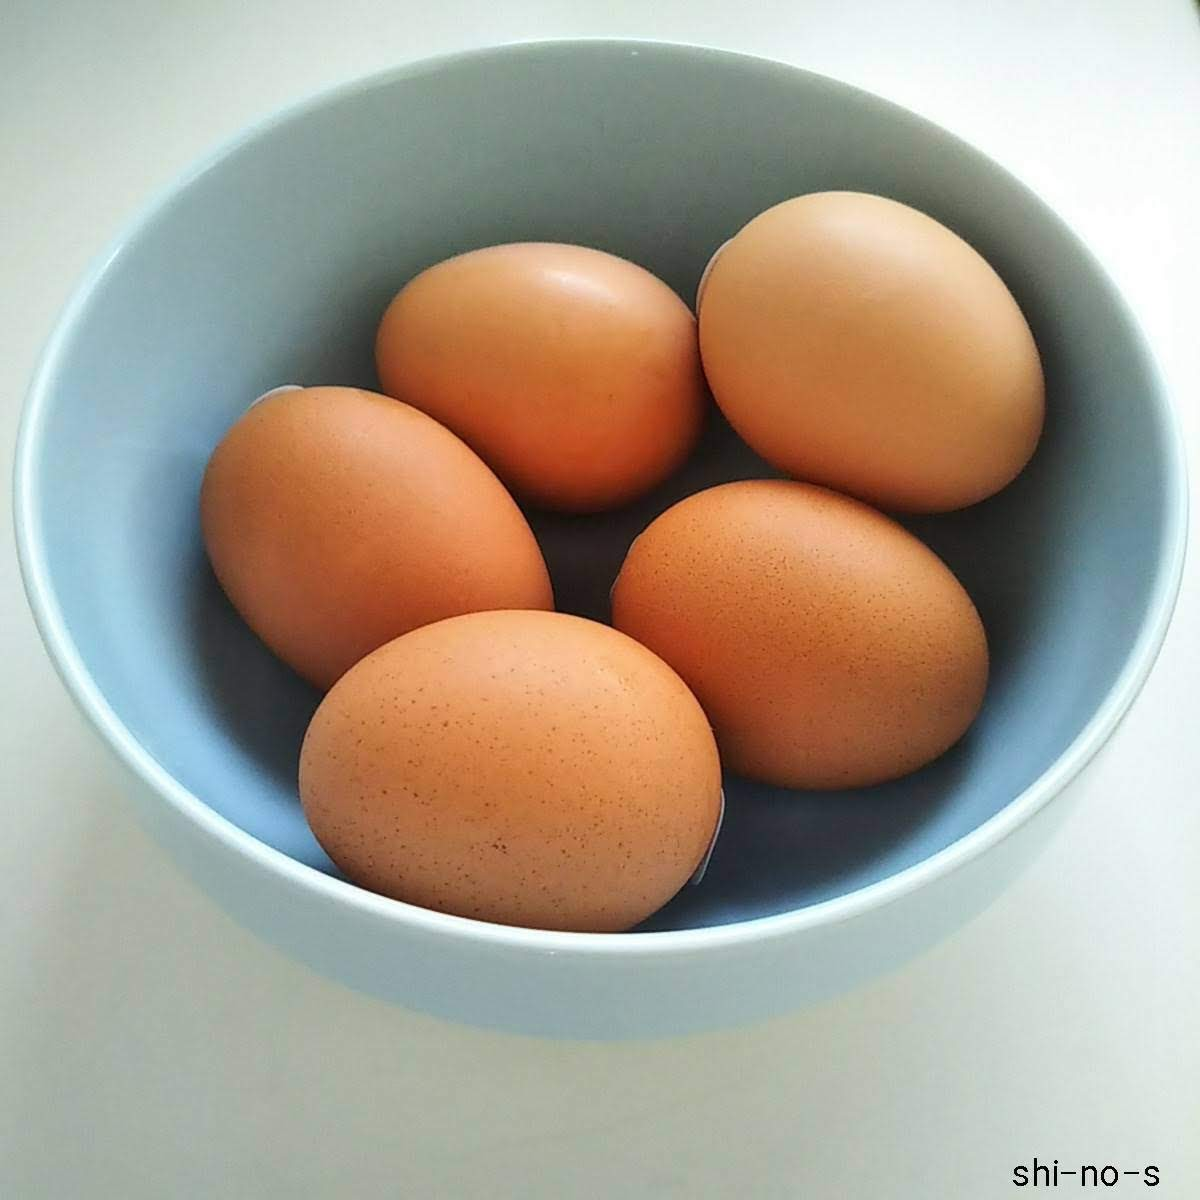 食器に卵を5つ入れている